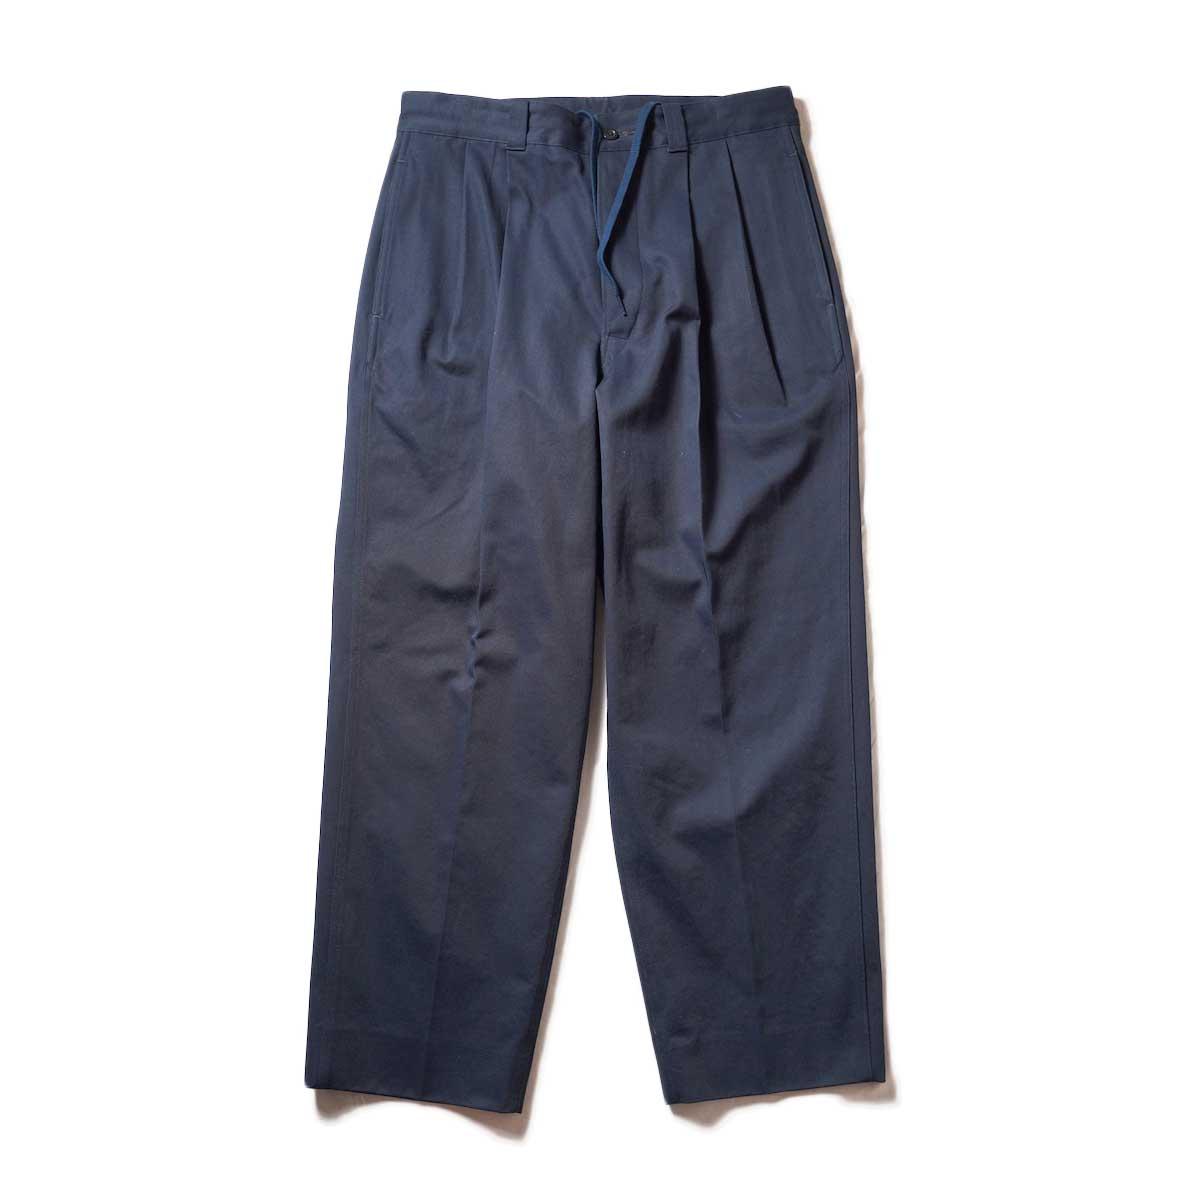 Blurhms / Chino Pants (Dark Navy)